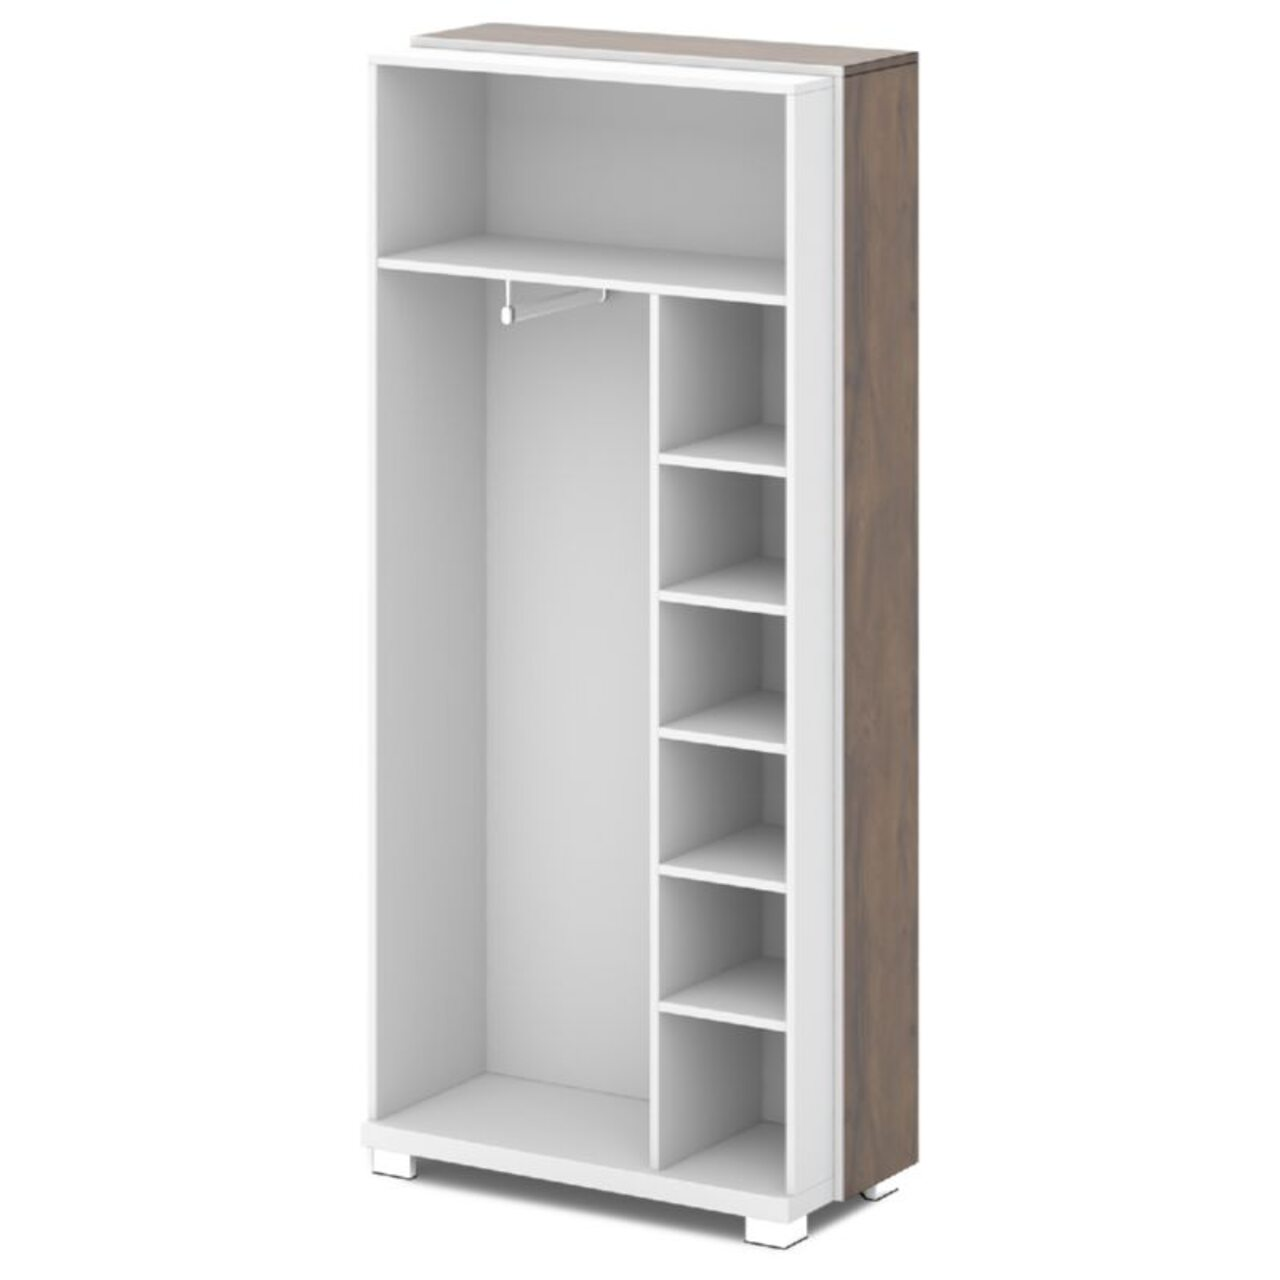 Каркас шкафа для одежды крайний - фото 3